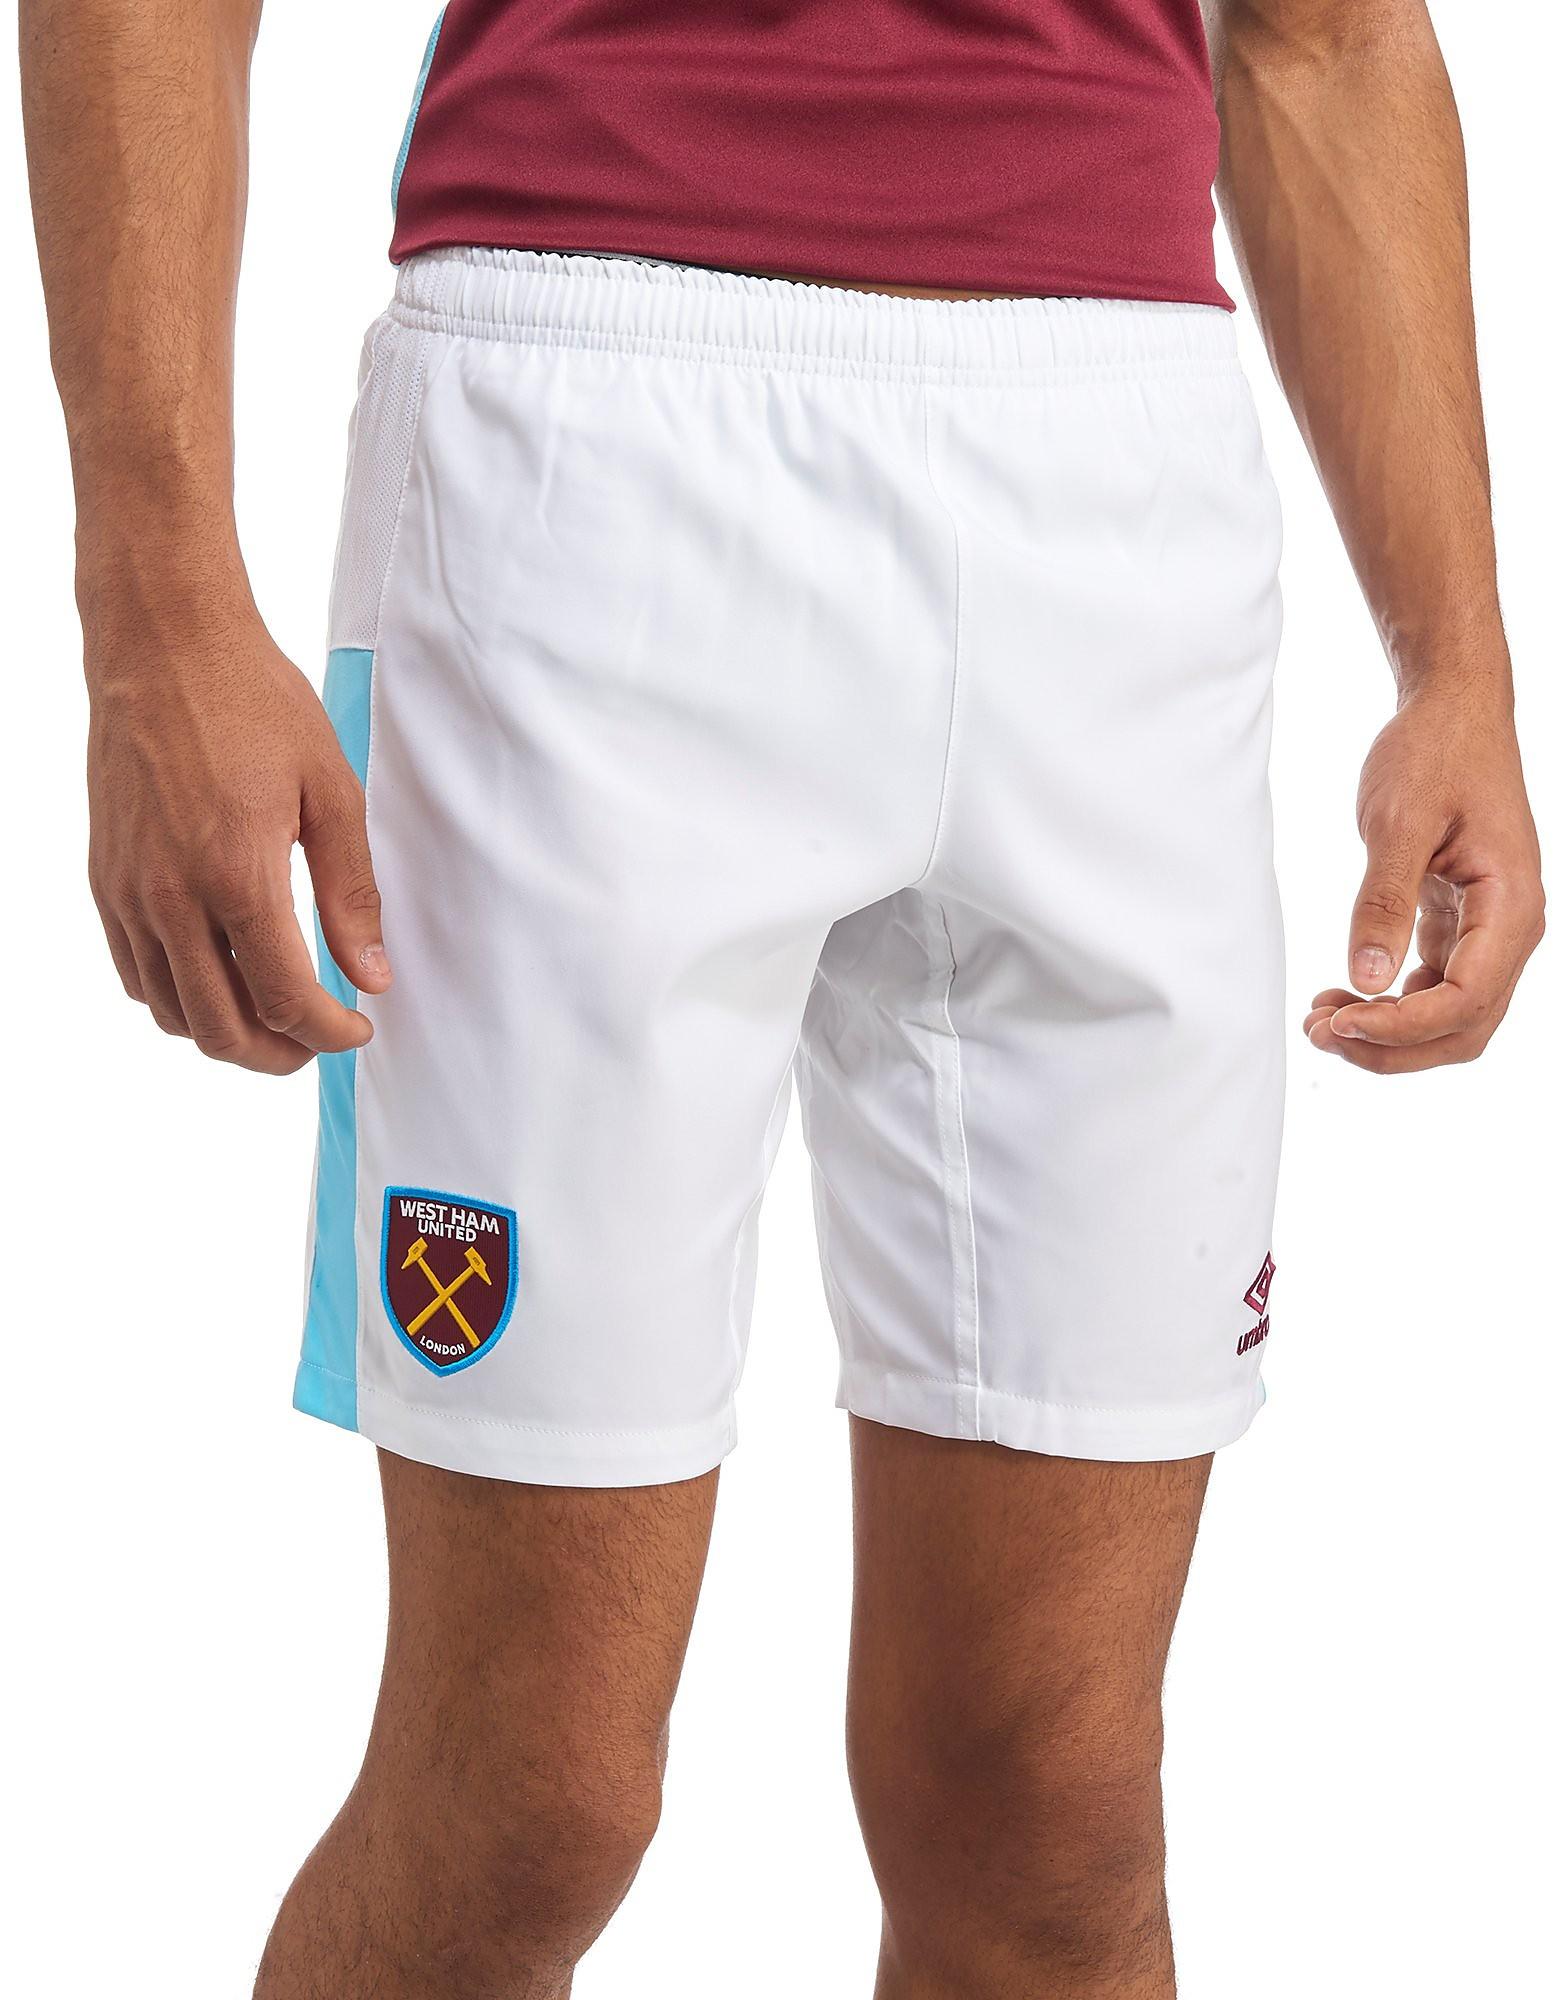 Umbro West Ham United 2016/17 Home Shorts